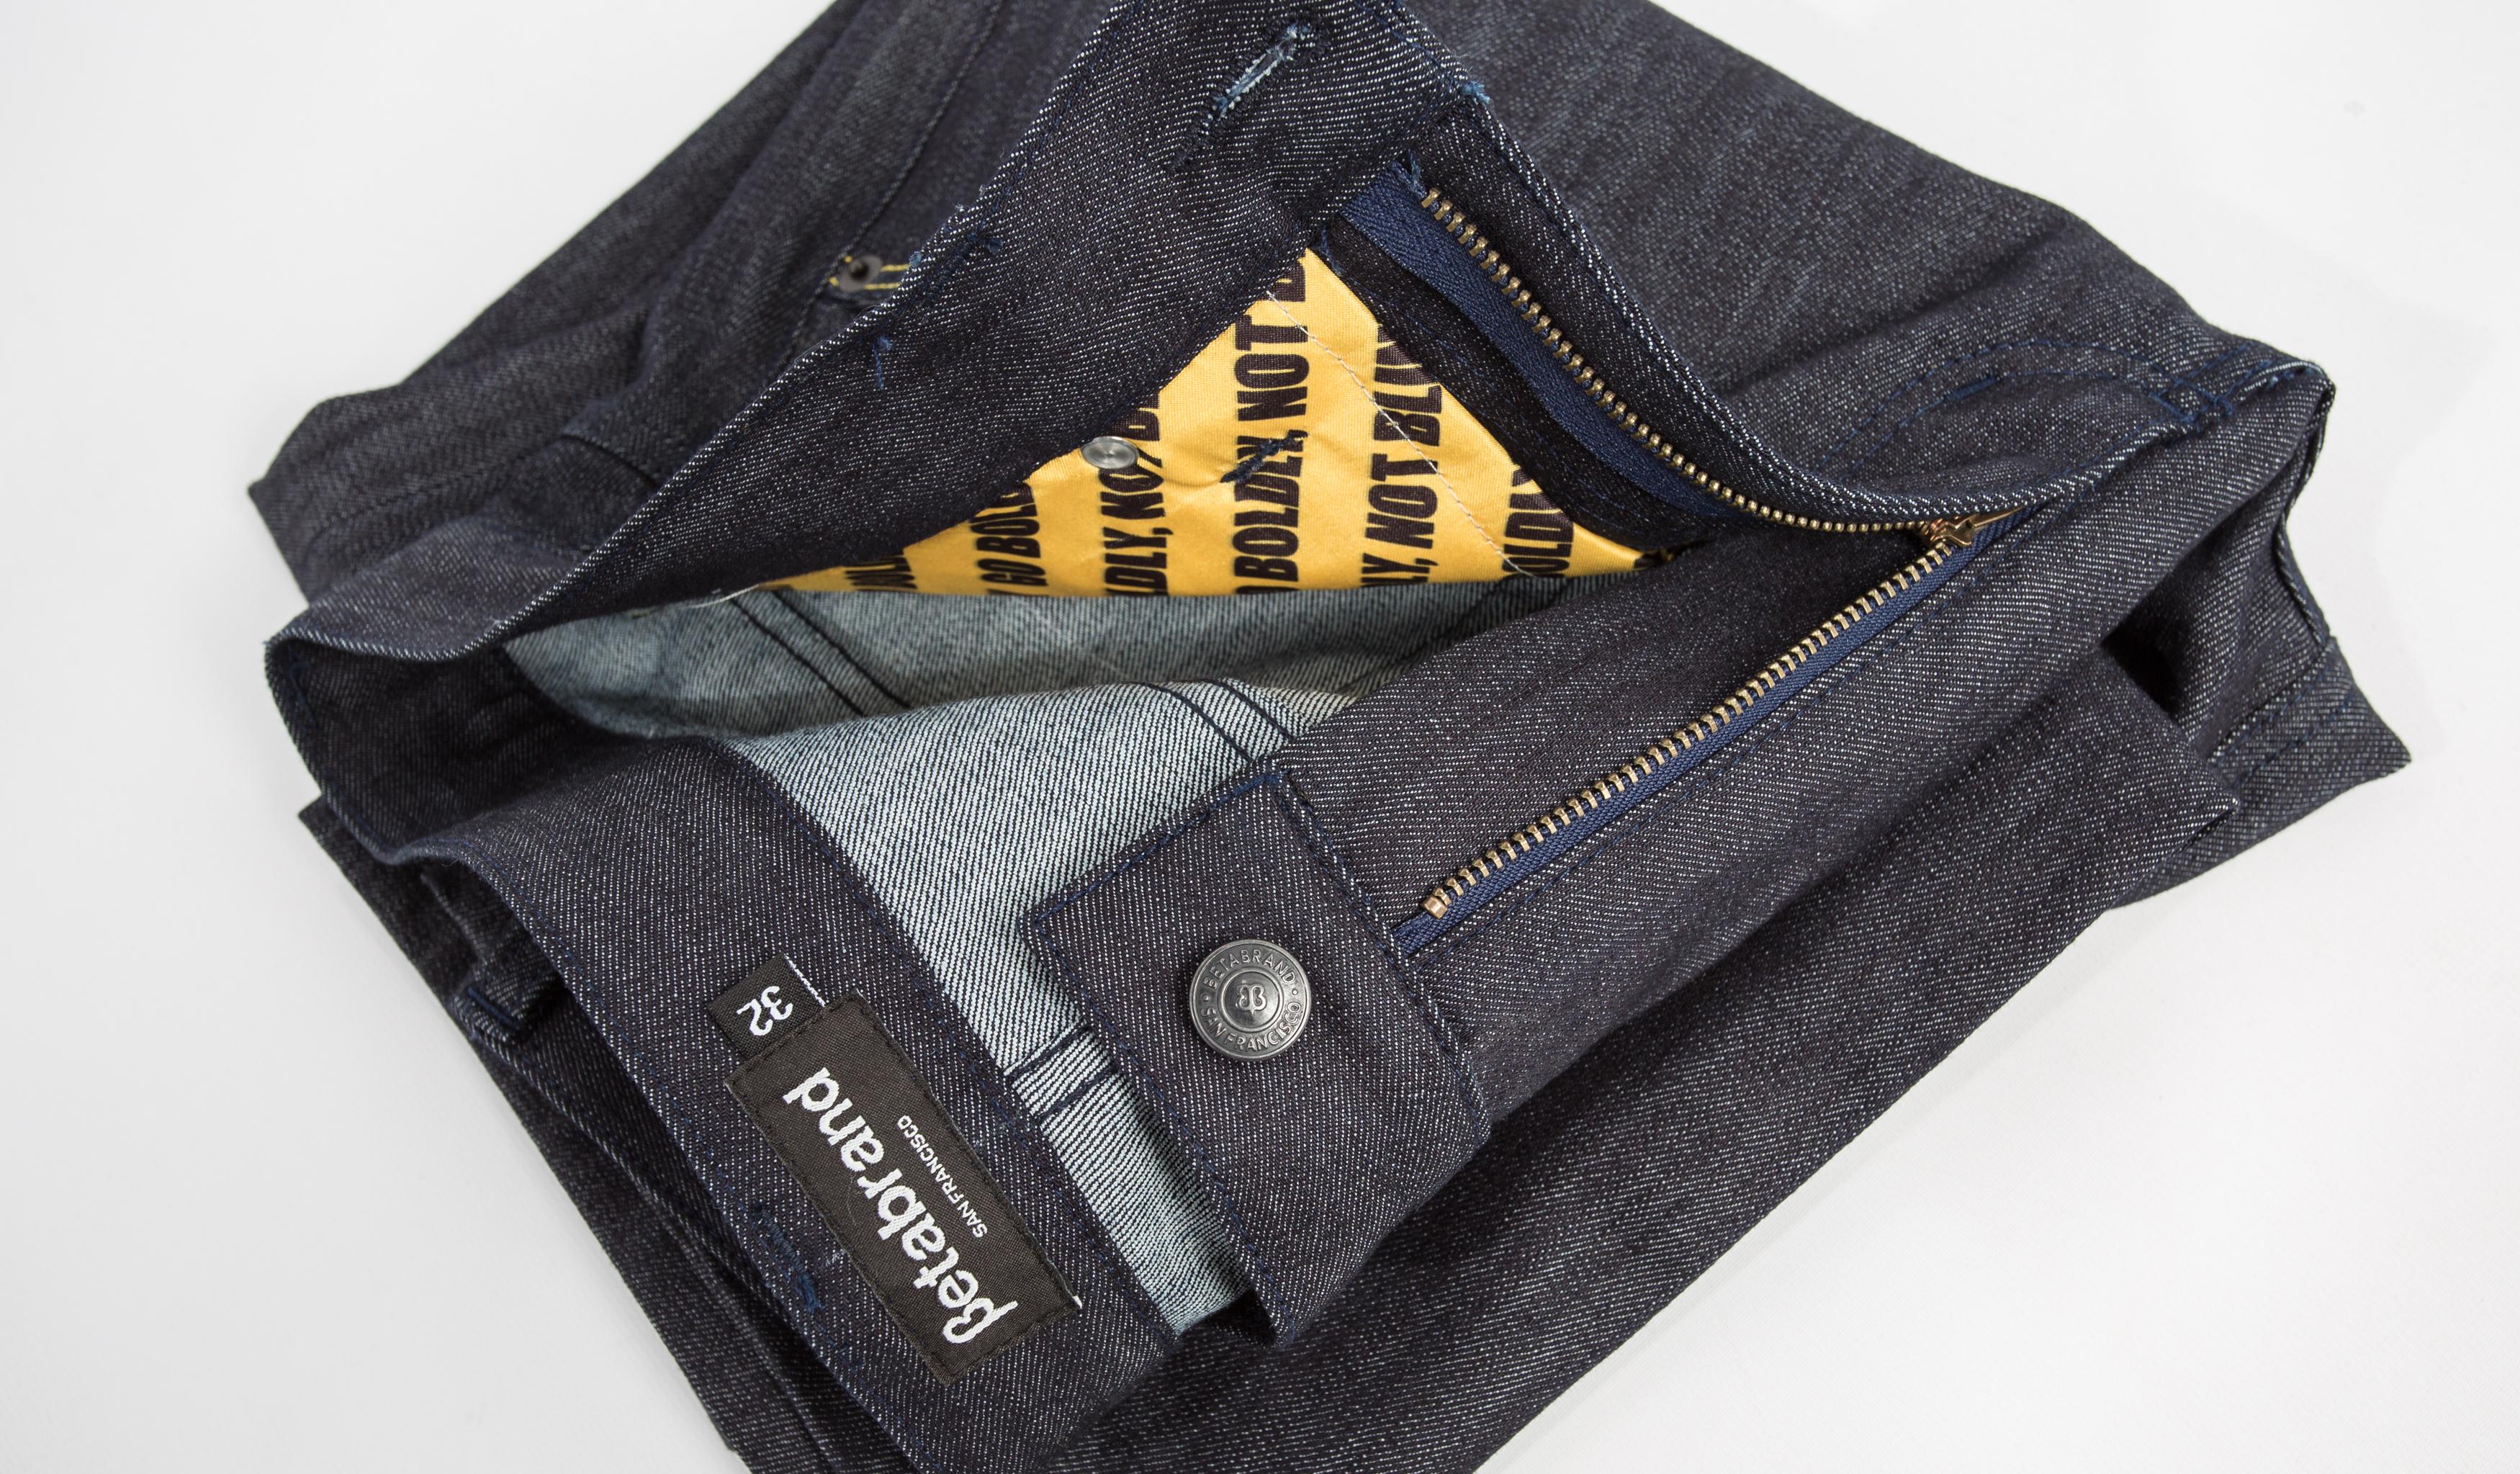 BetaBrand RFID blocking pants